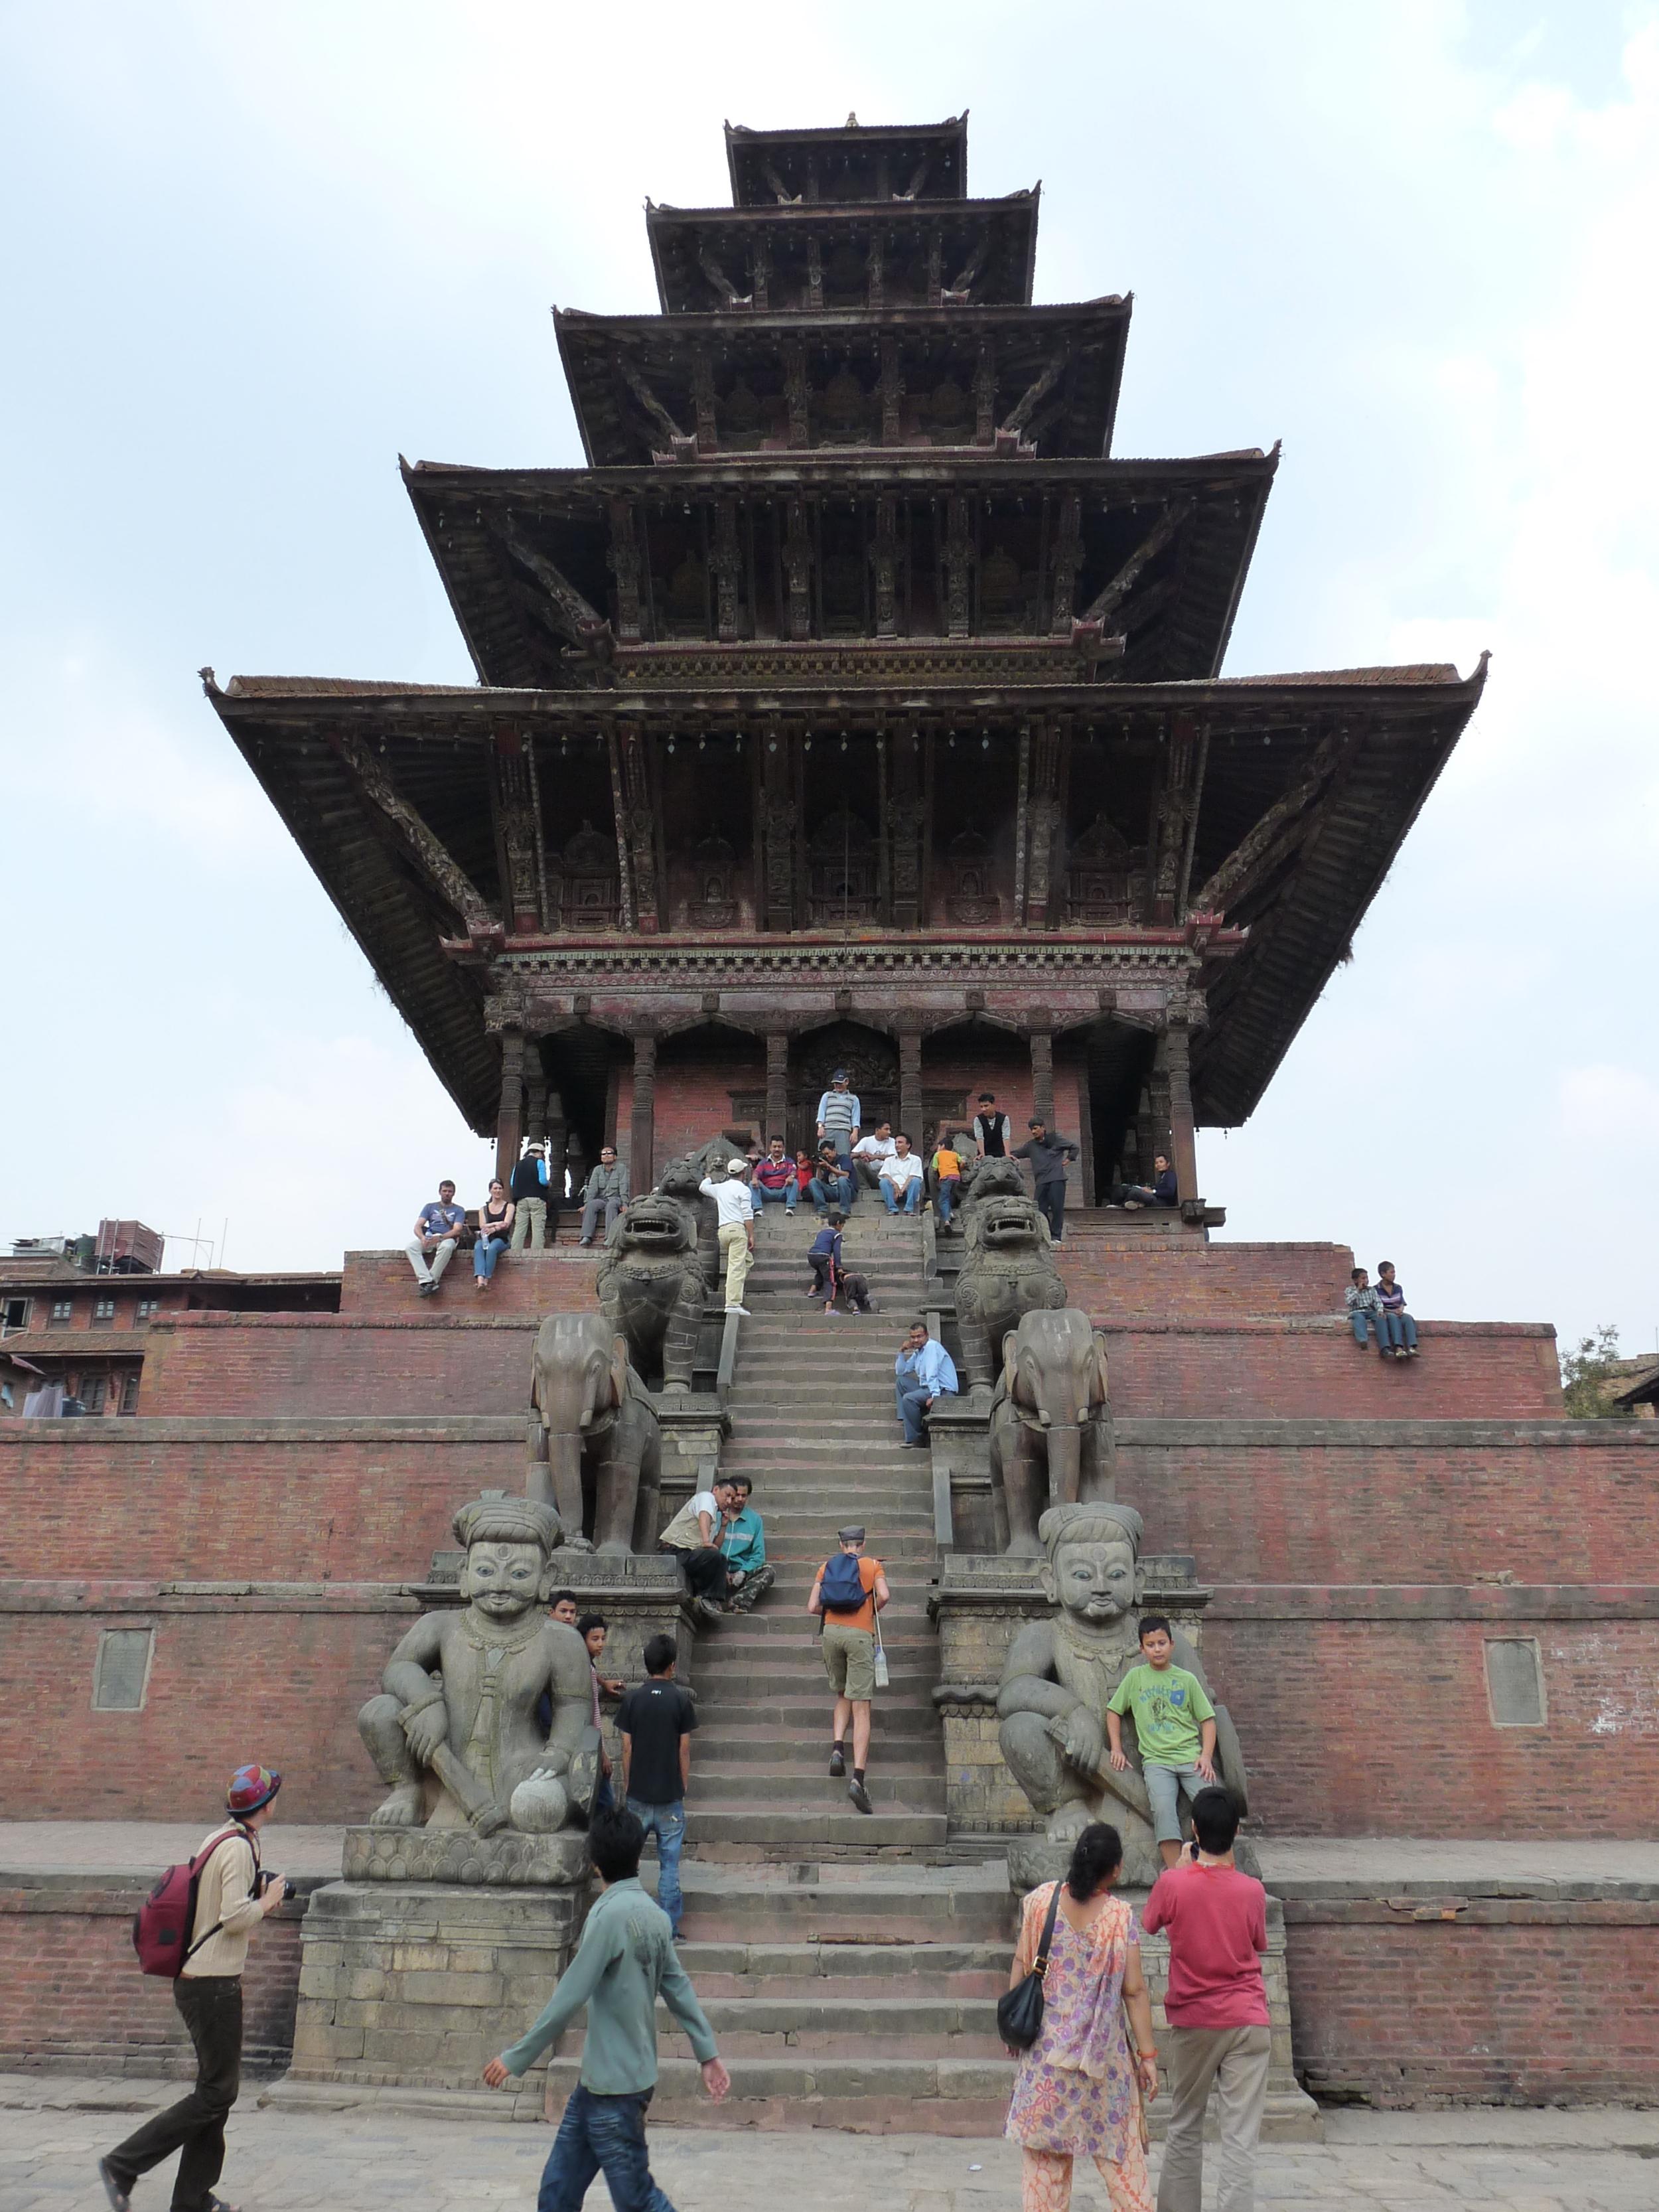 Le temple aux cinq toits superposés emblématique de la ville de Bhaktapur